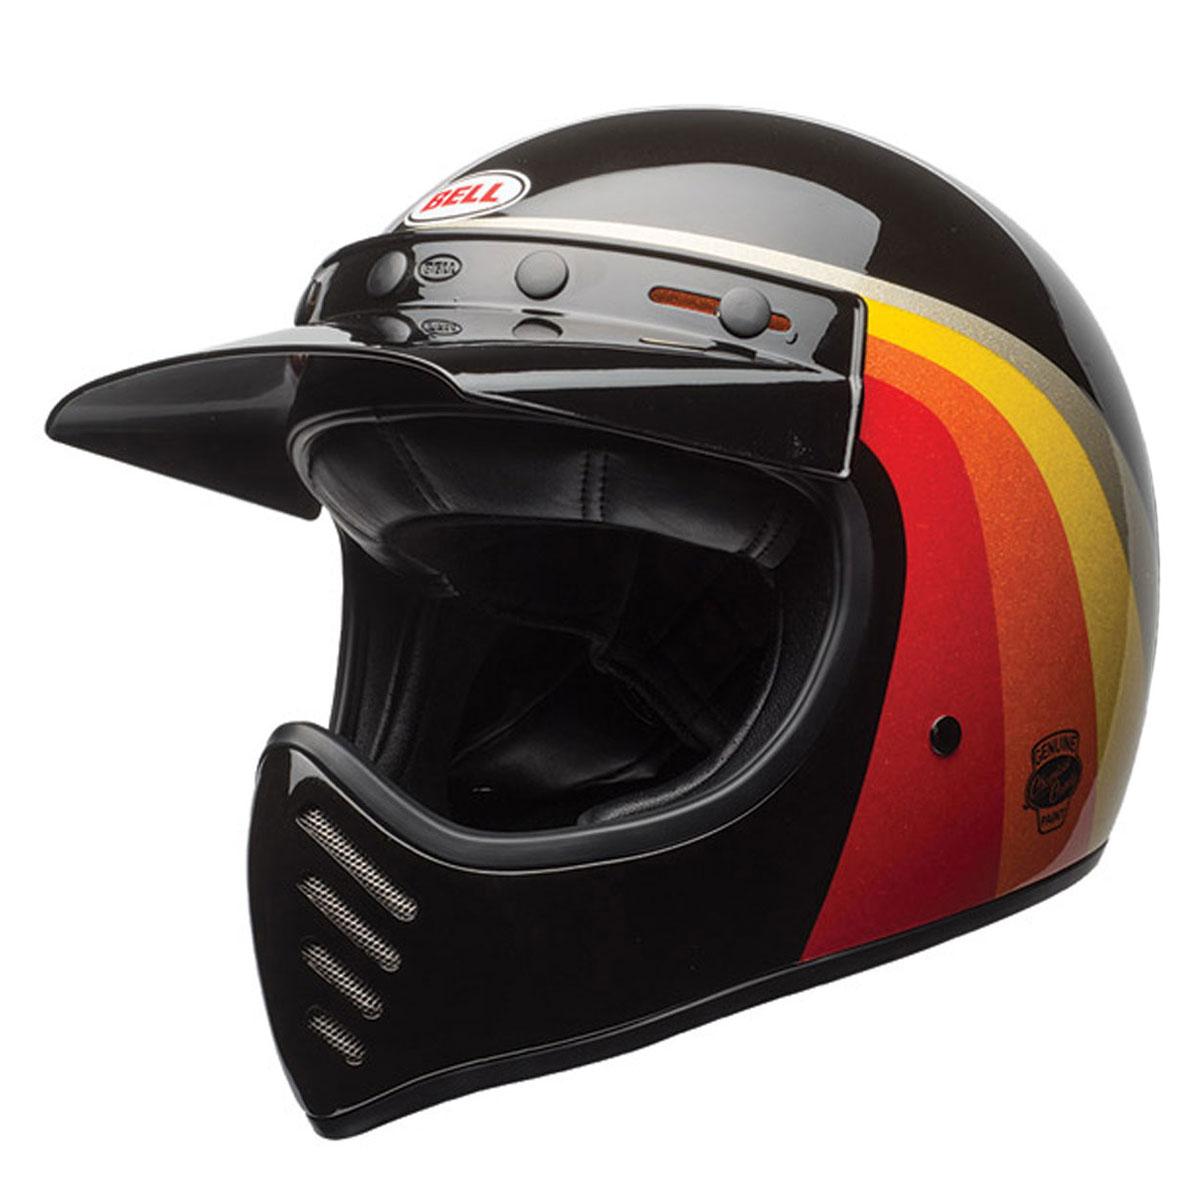 Bell Moto-3 Chemical Candy Black/Gold Full Face Helmet